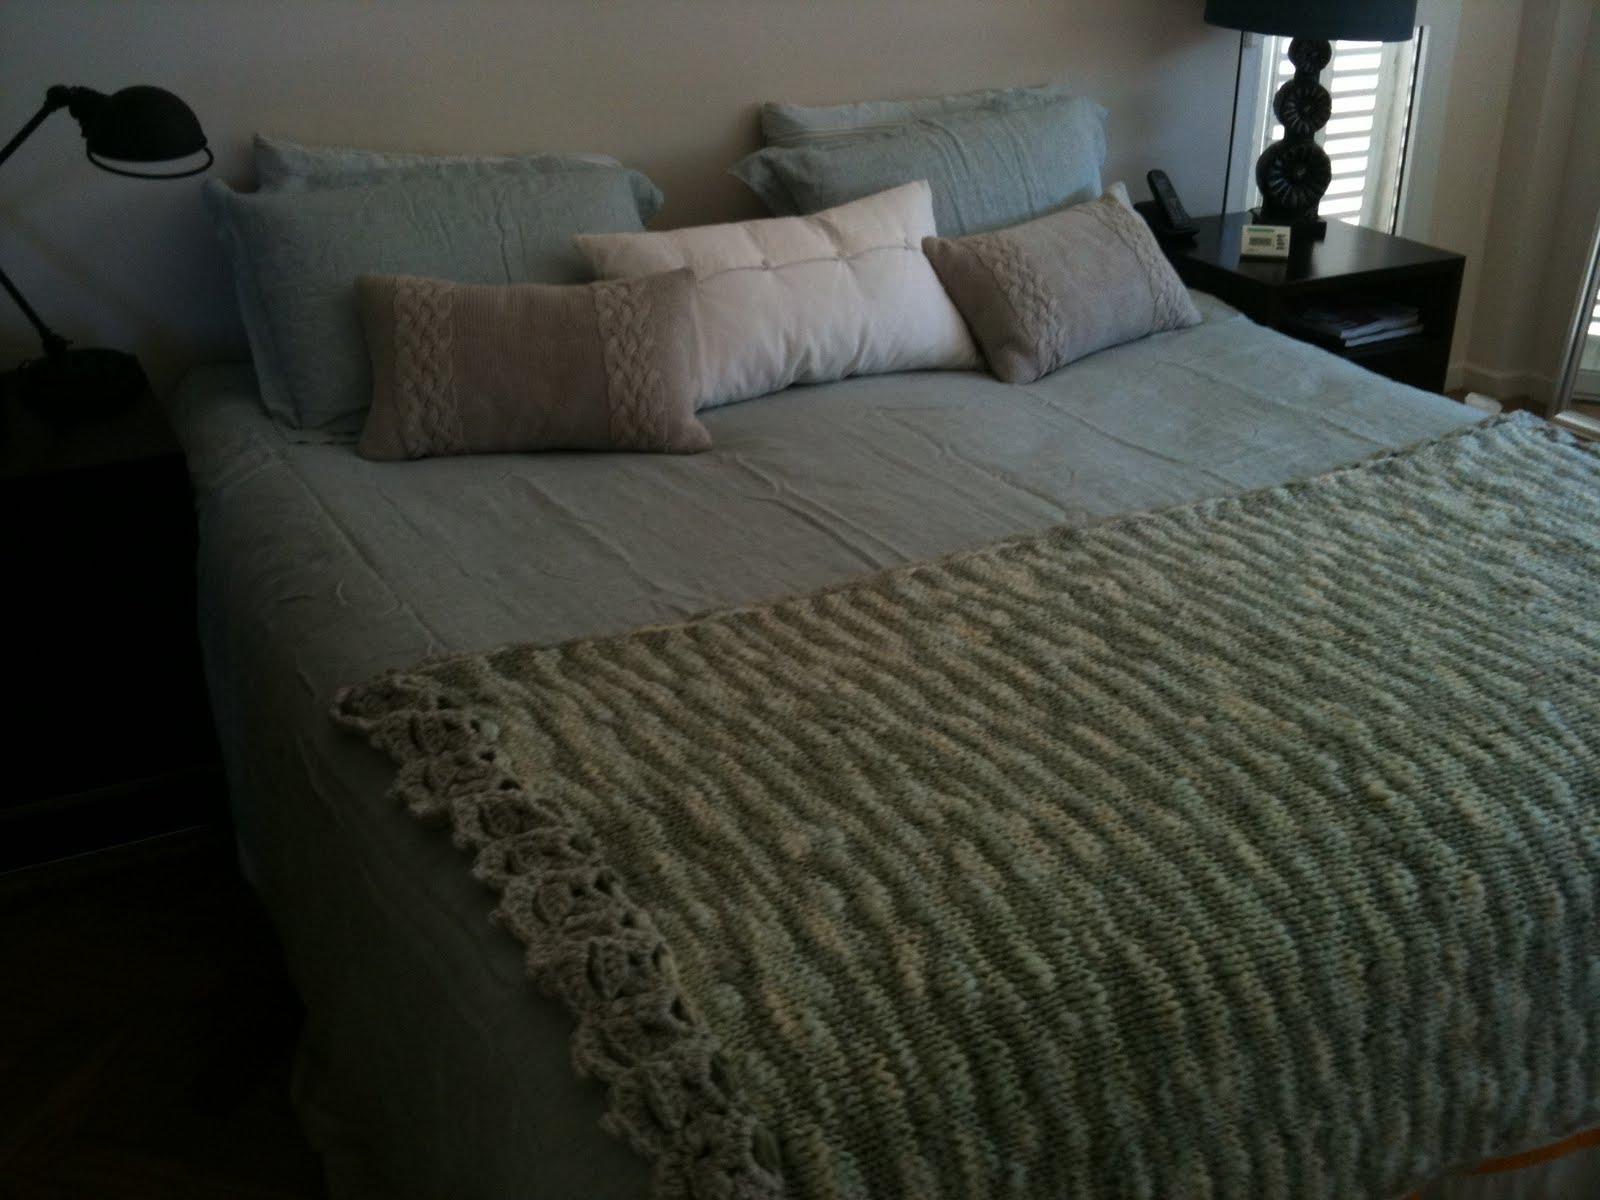 de cama en pura lana natural, tejida a mano en dos agujas y crochet